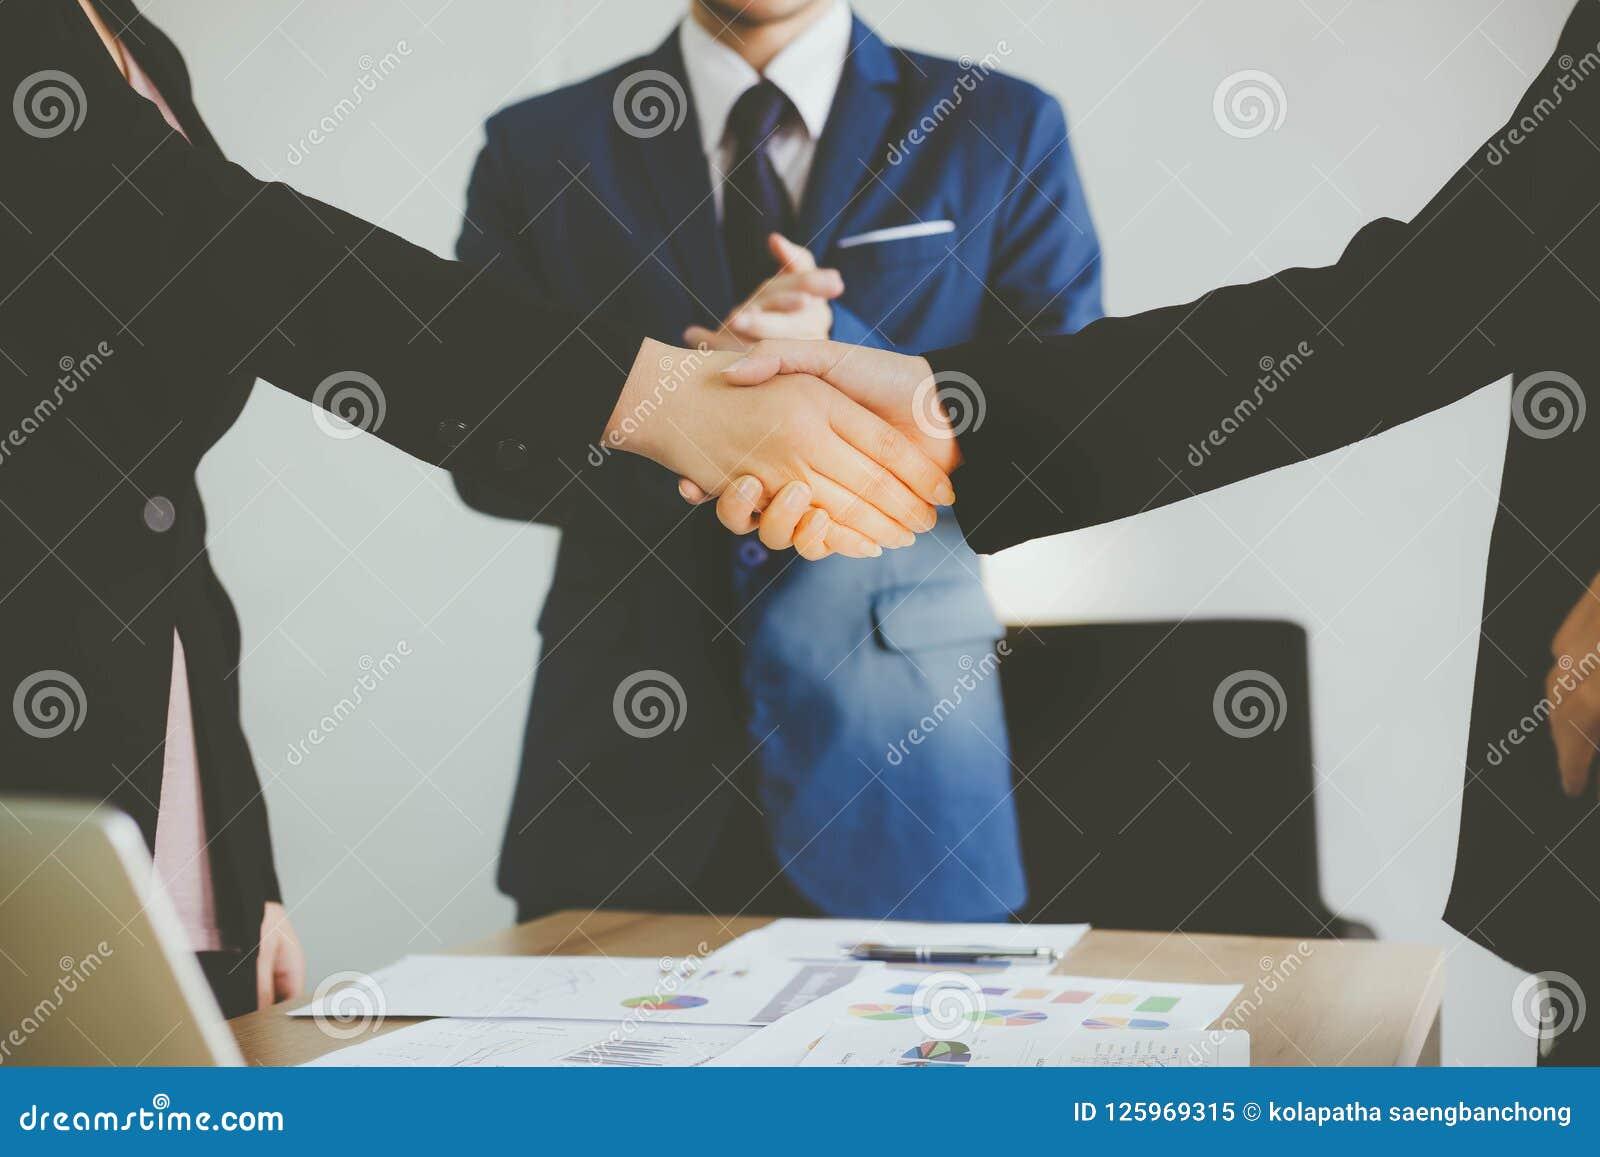 Schöne Geschäftsfrau- und Kundenfrau behandeln das contr